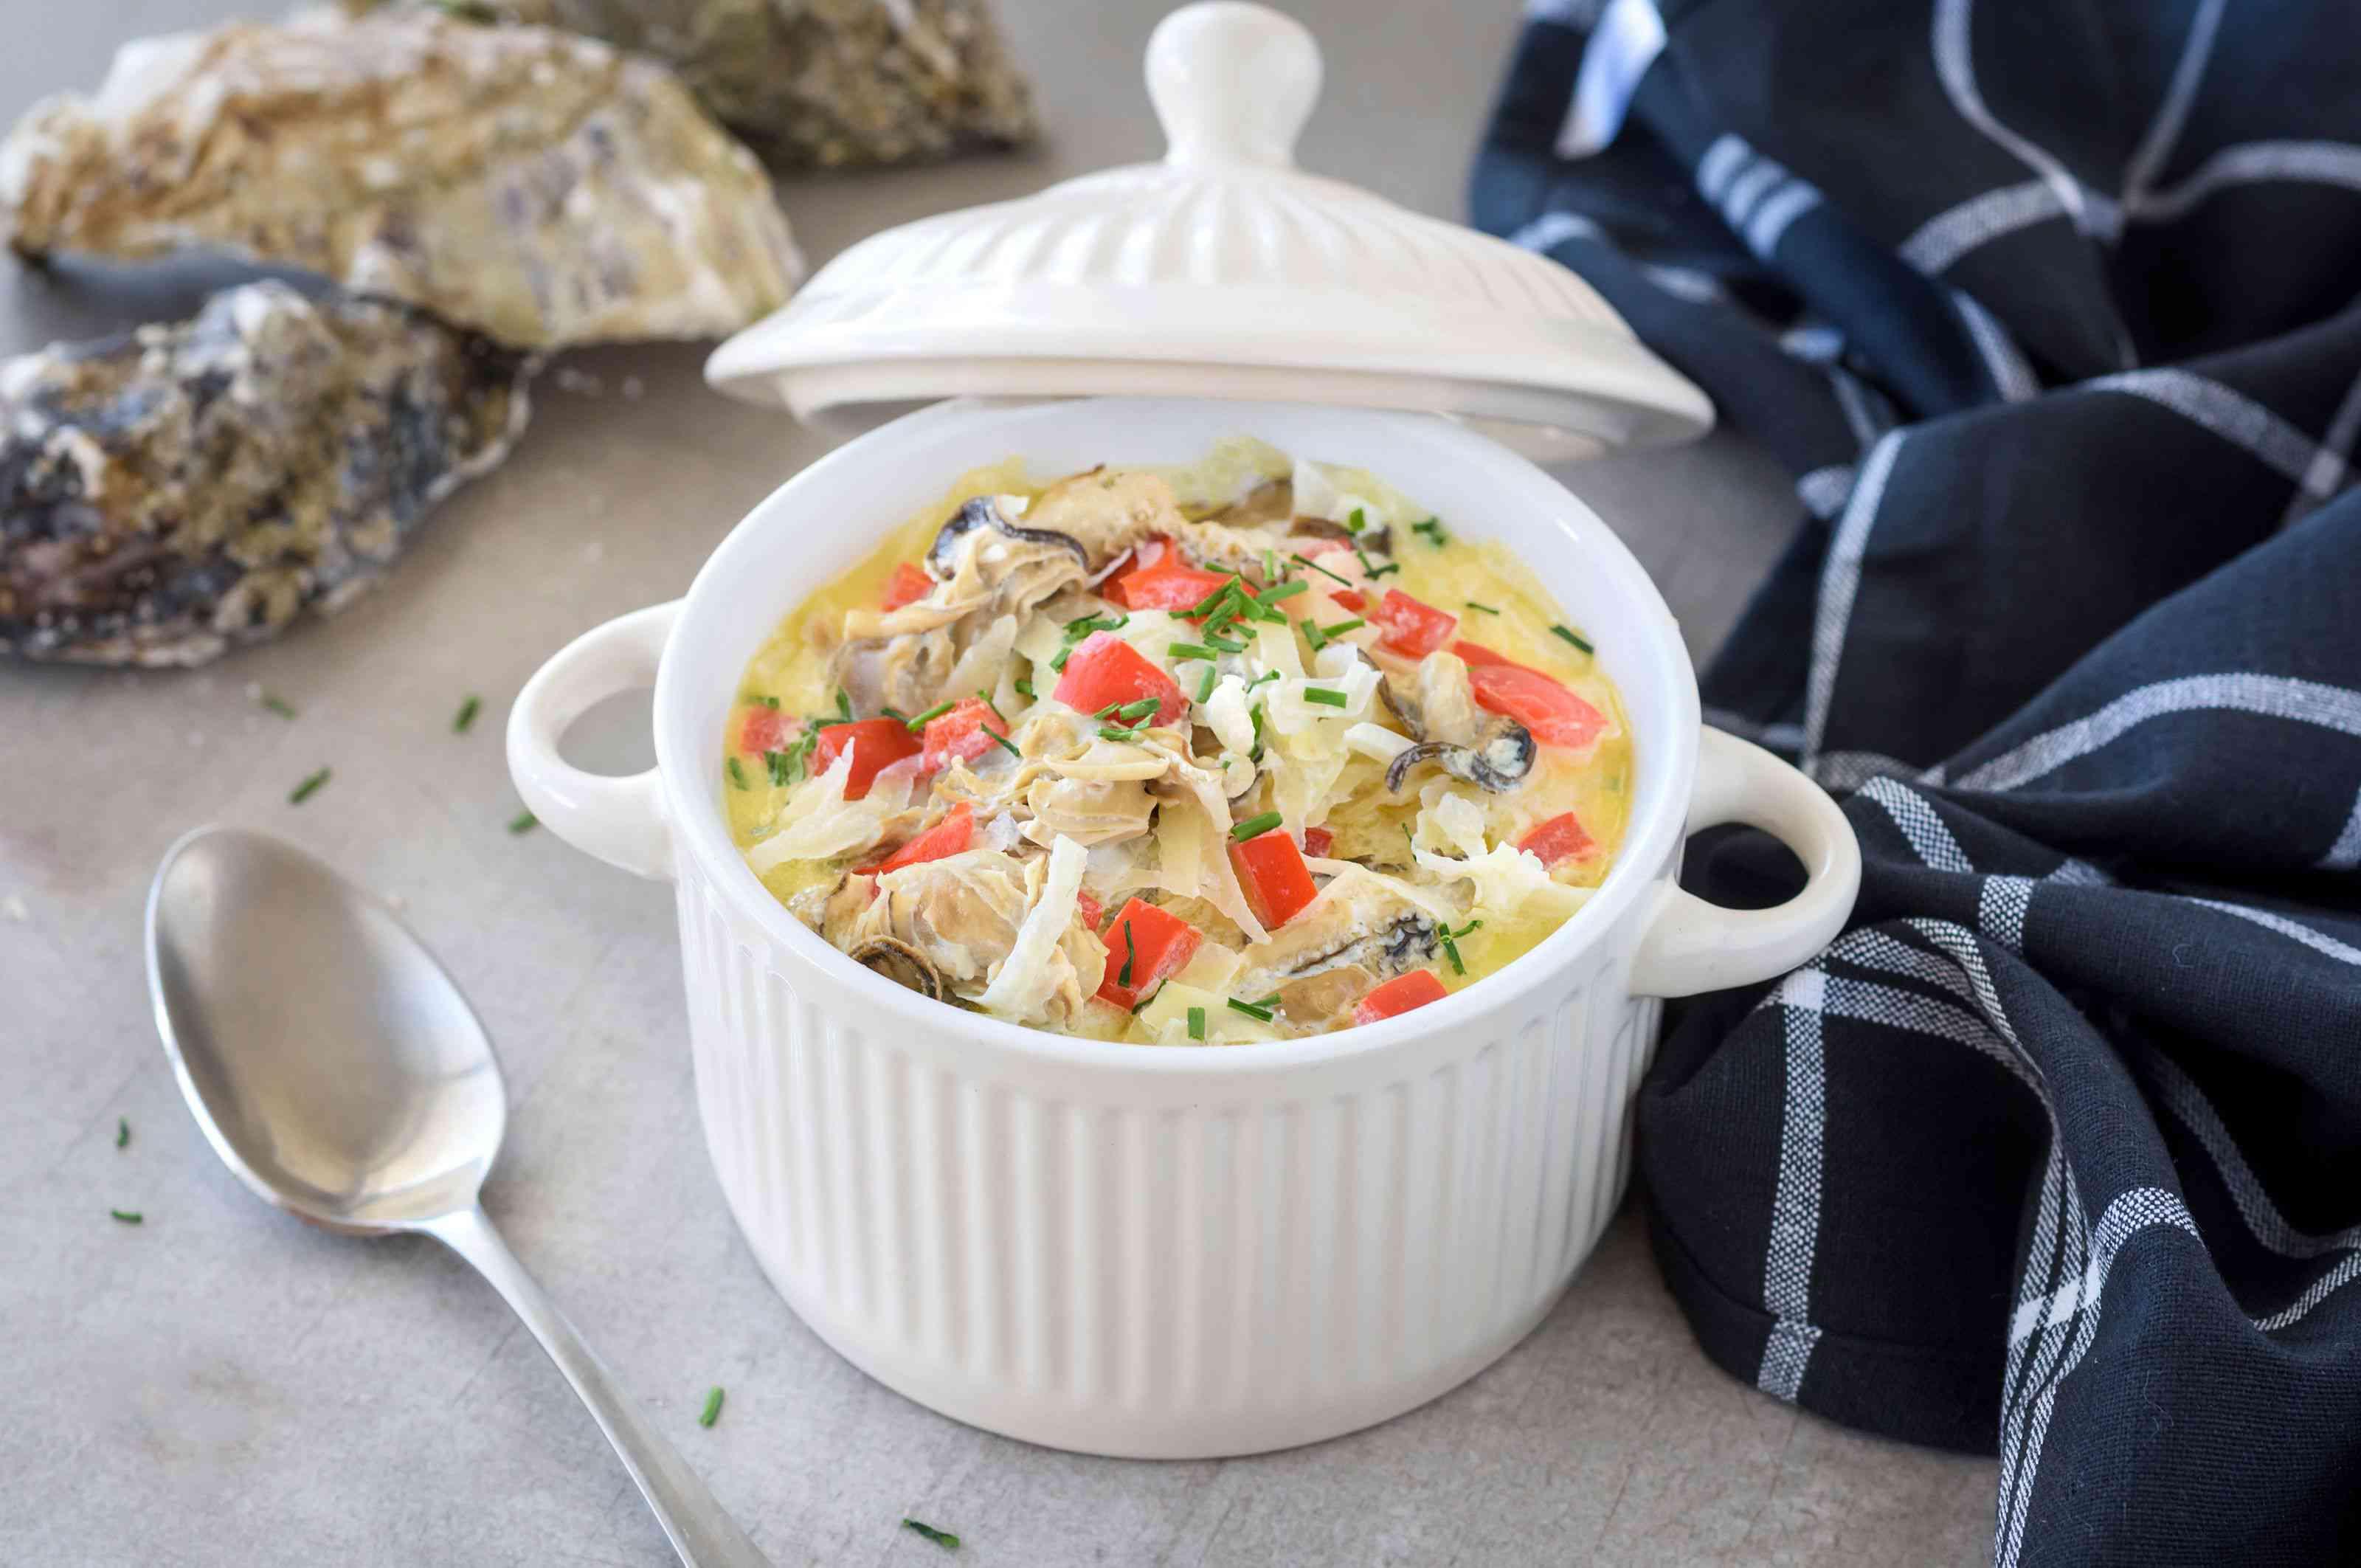 Crock pot oyster stew